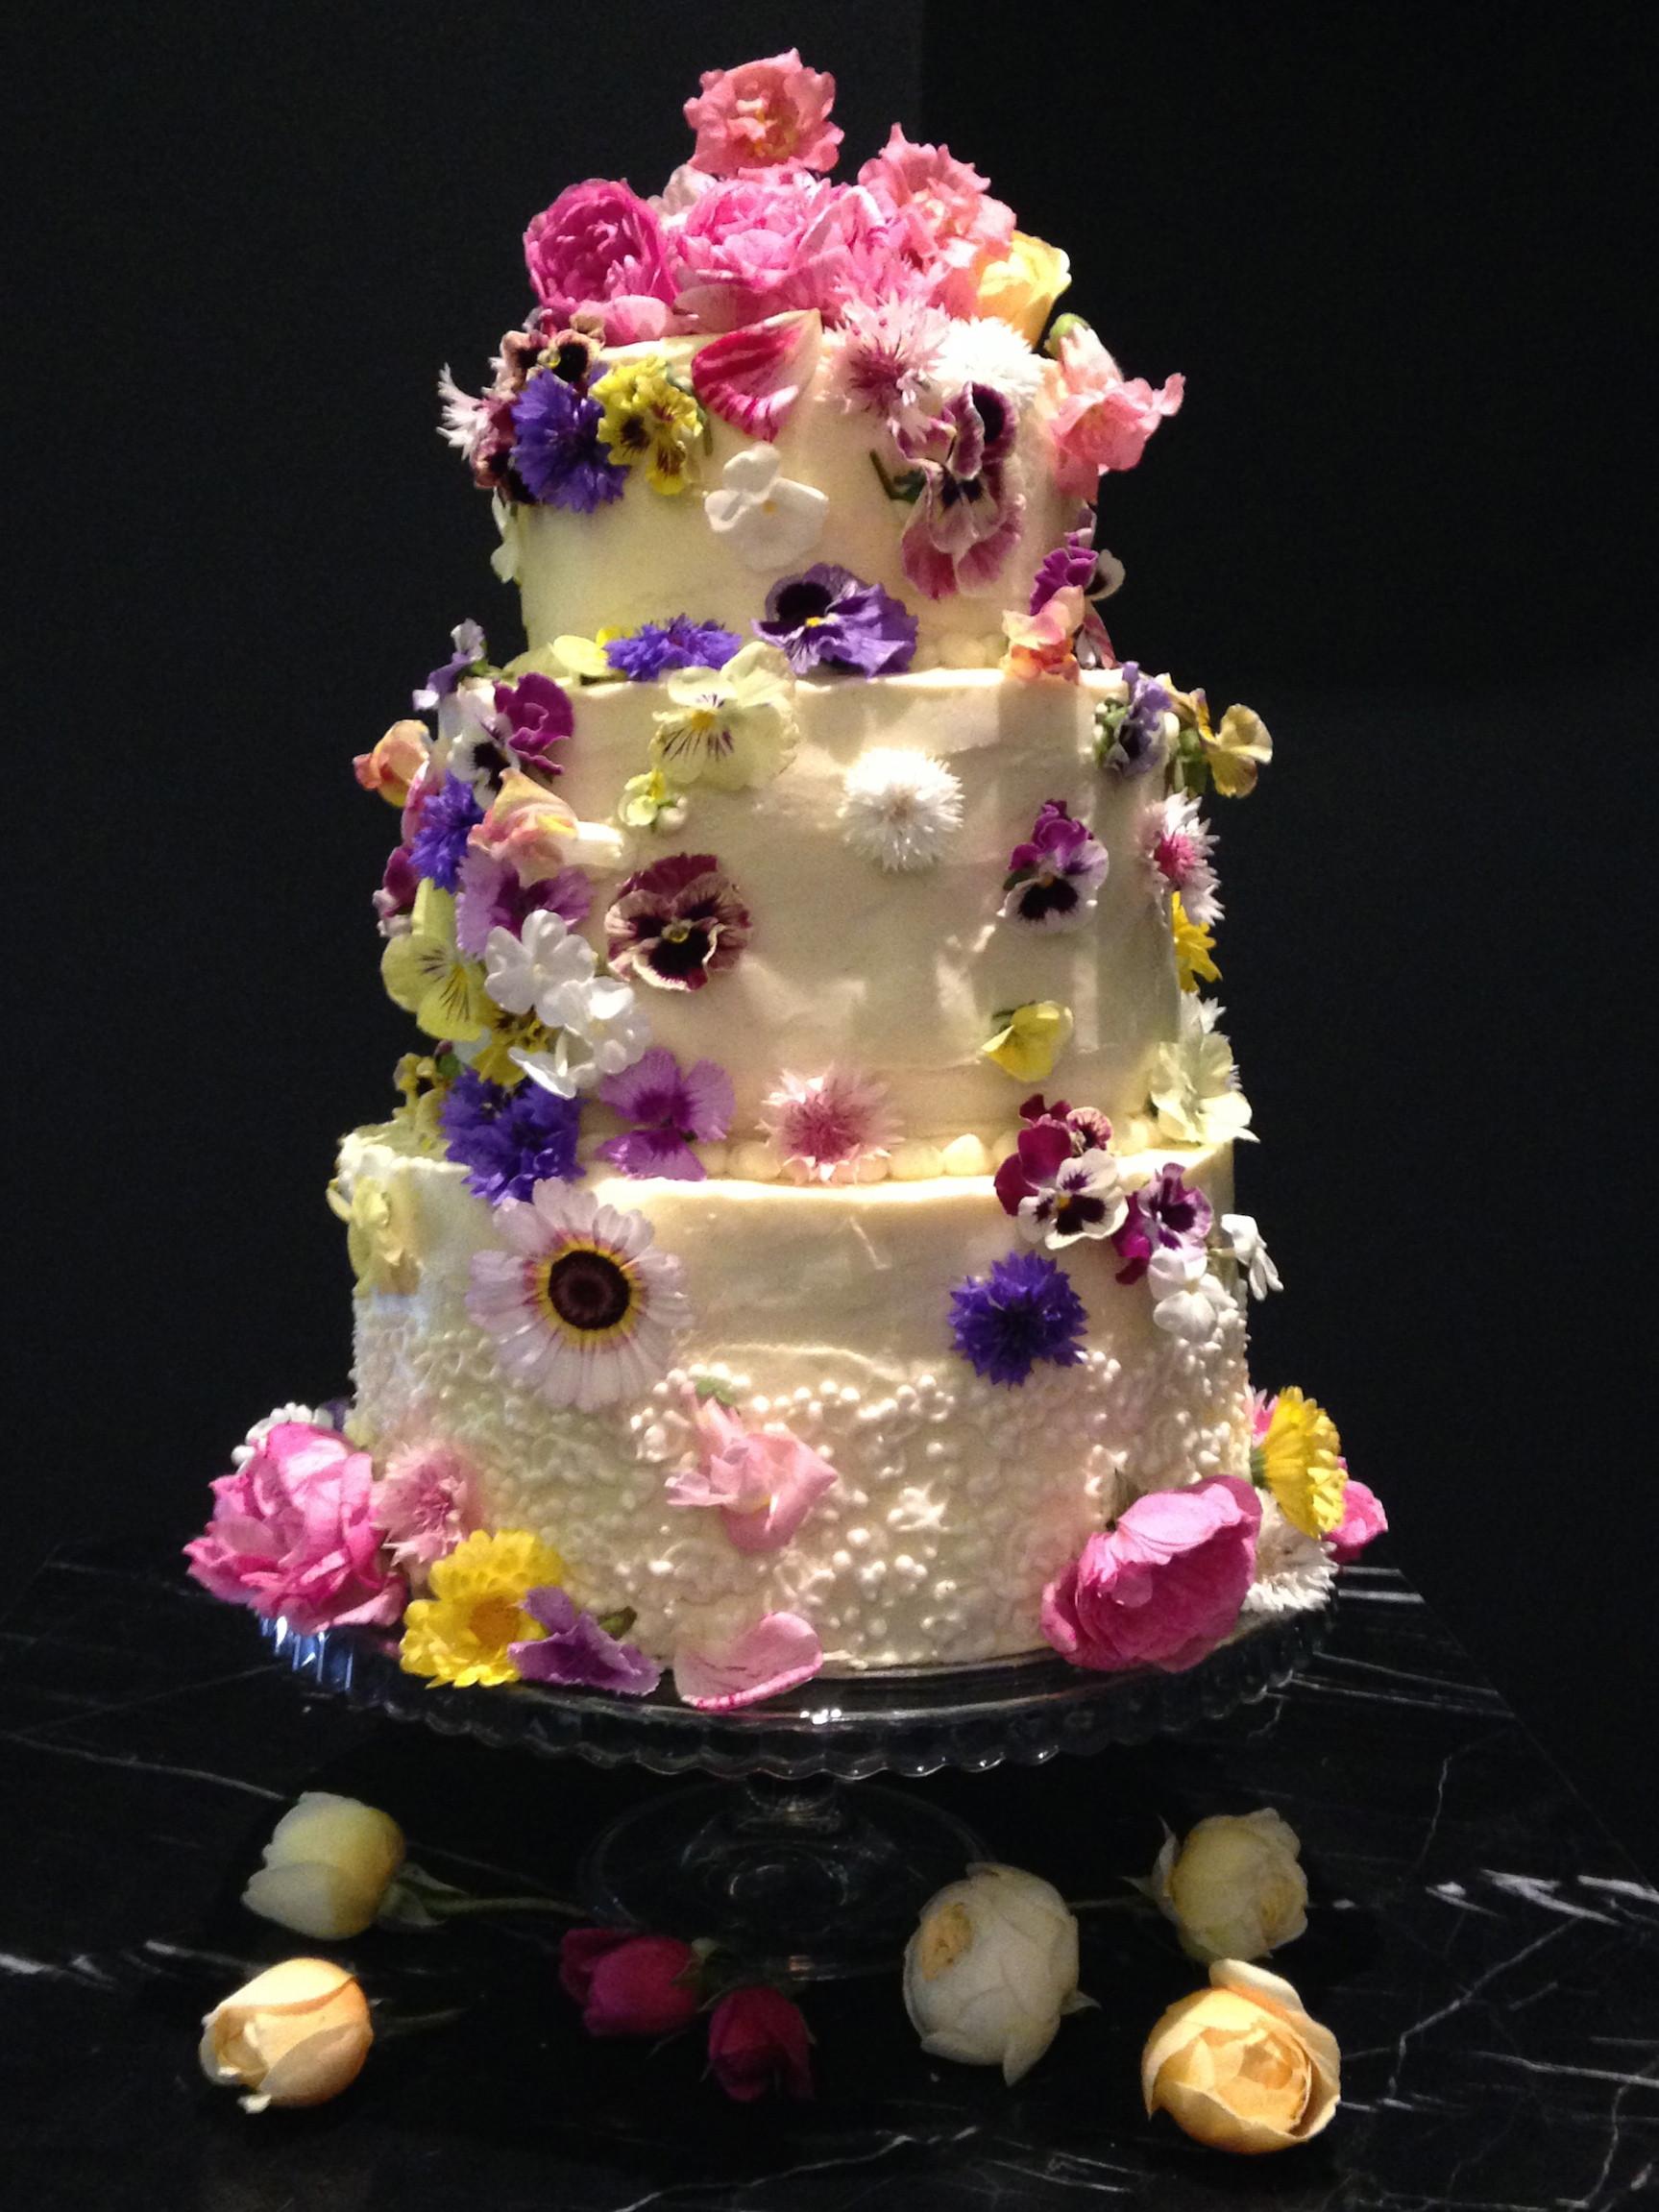 Wedding Cakes Flowers  Using fresh flowers on wedding cakes